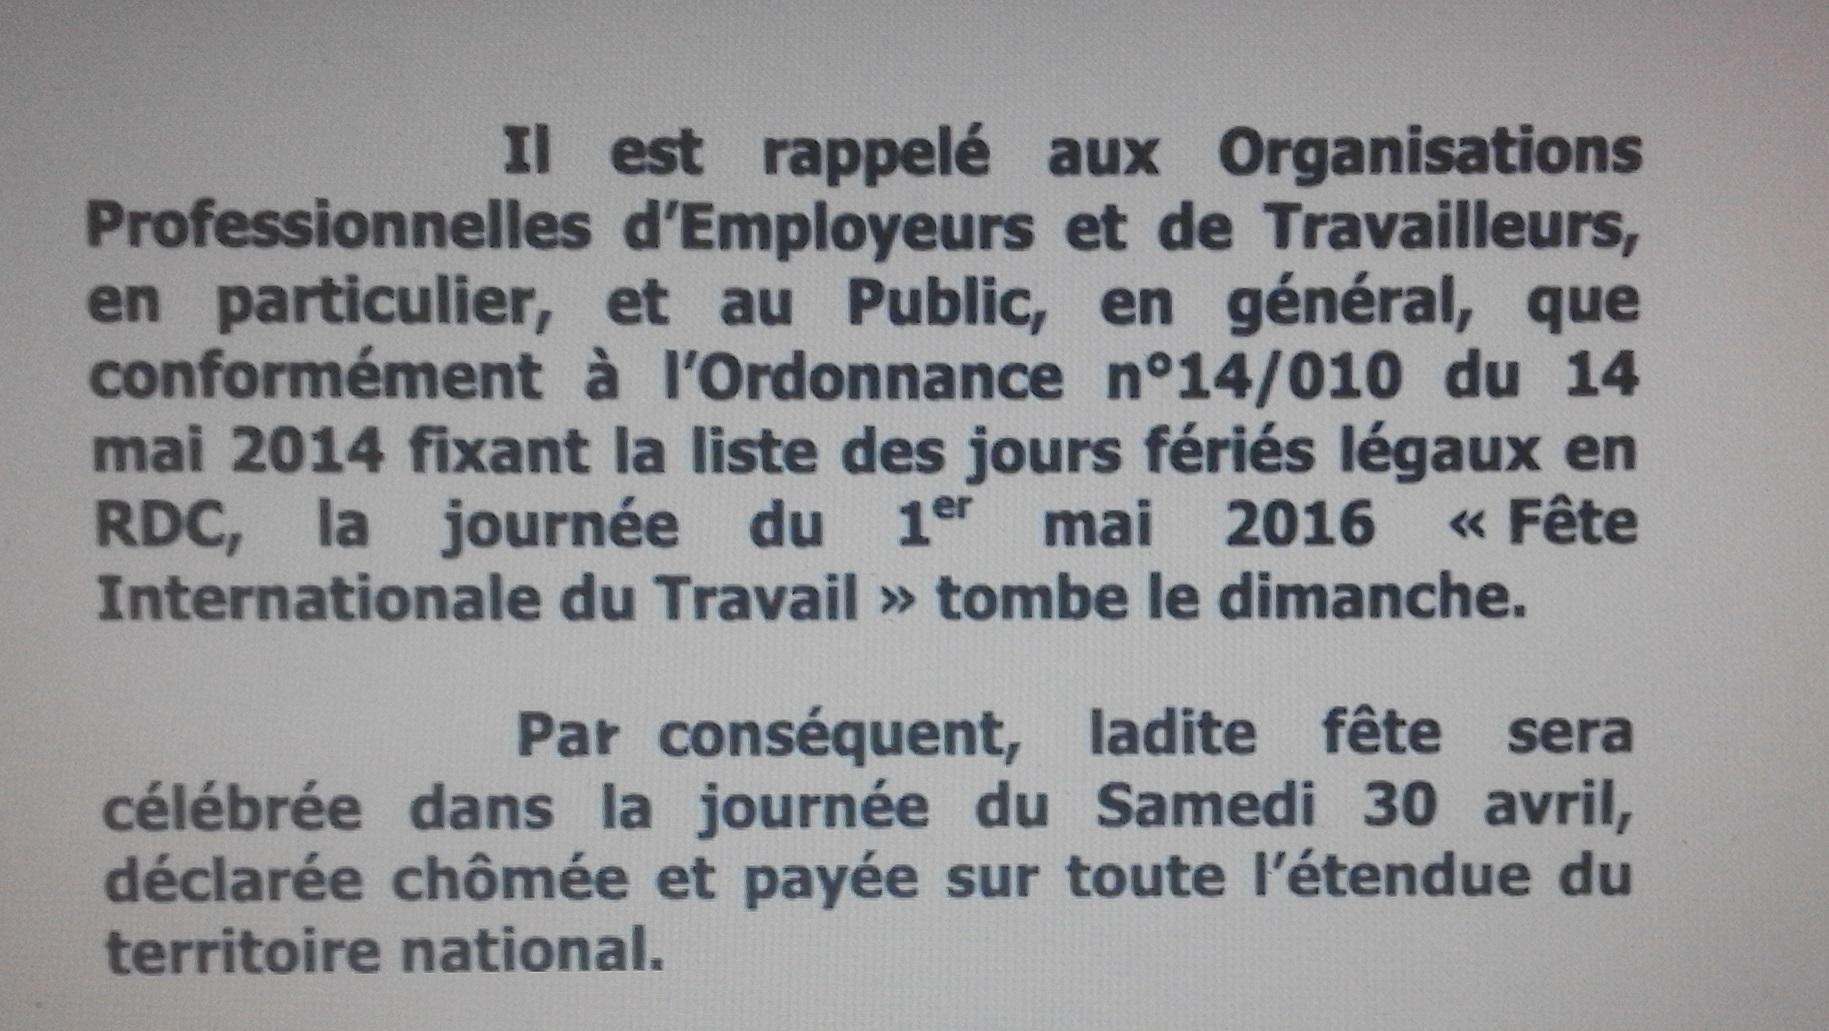 RDC : La fête du travail ramenée à samedi 30 avril